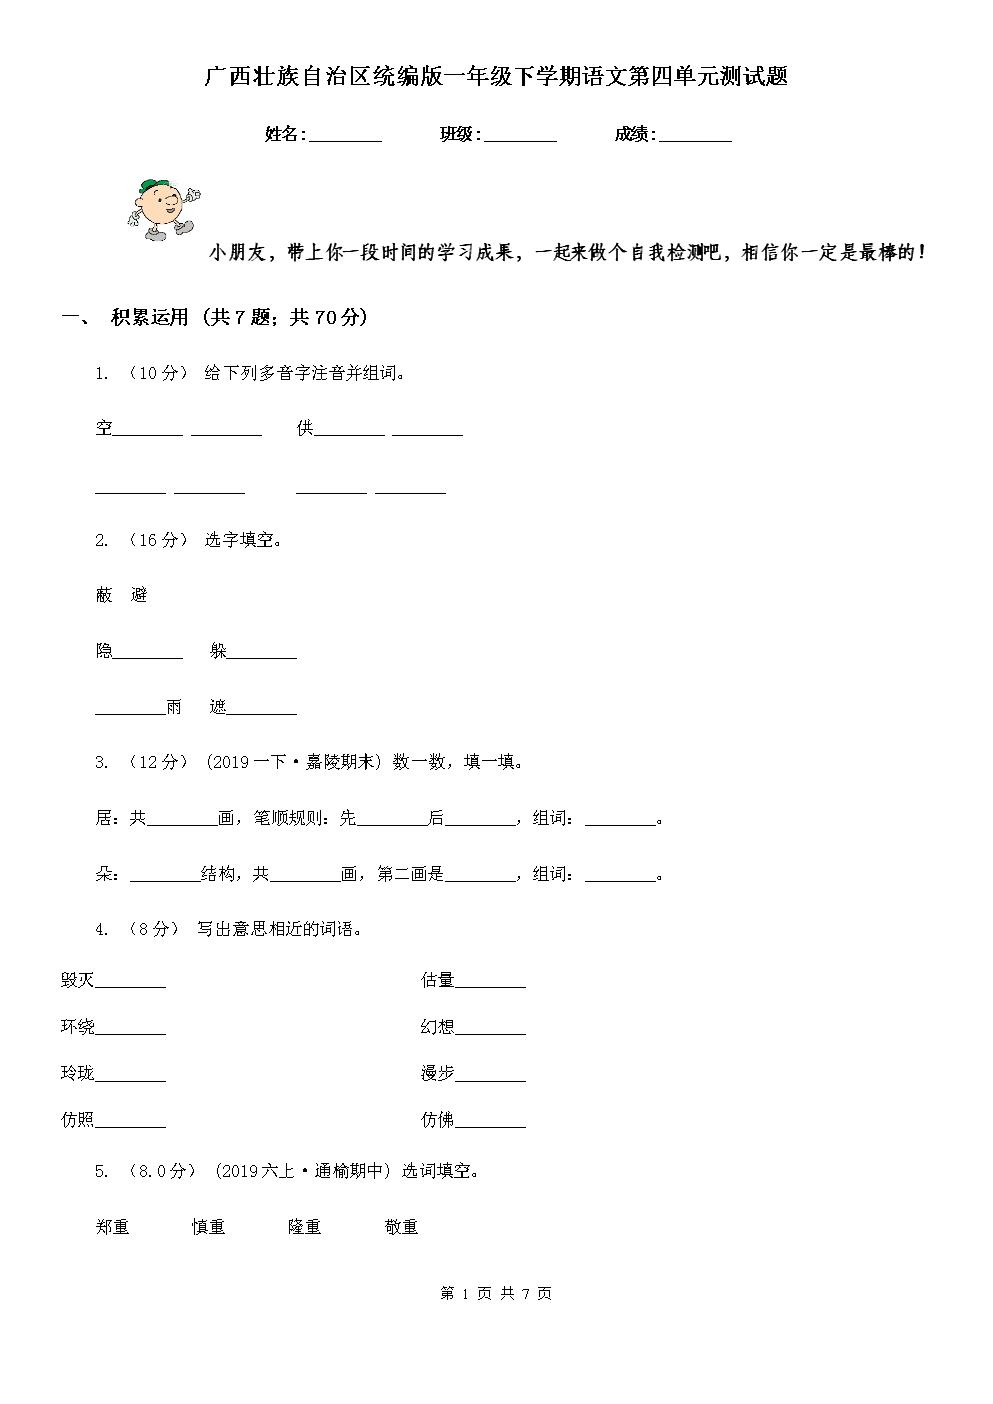 广州中考政治时事_申论时事政治教学_政治会考时事